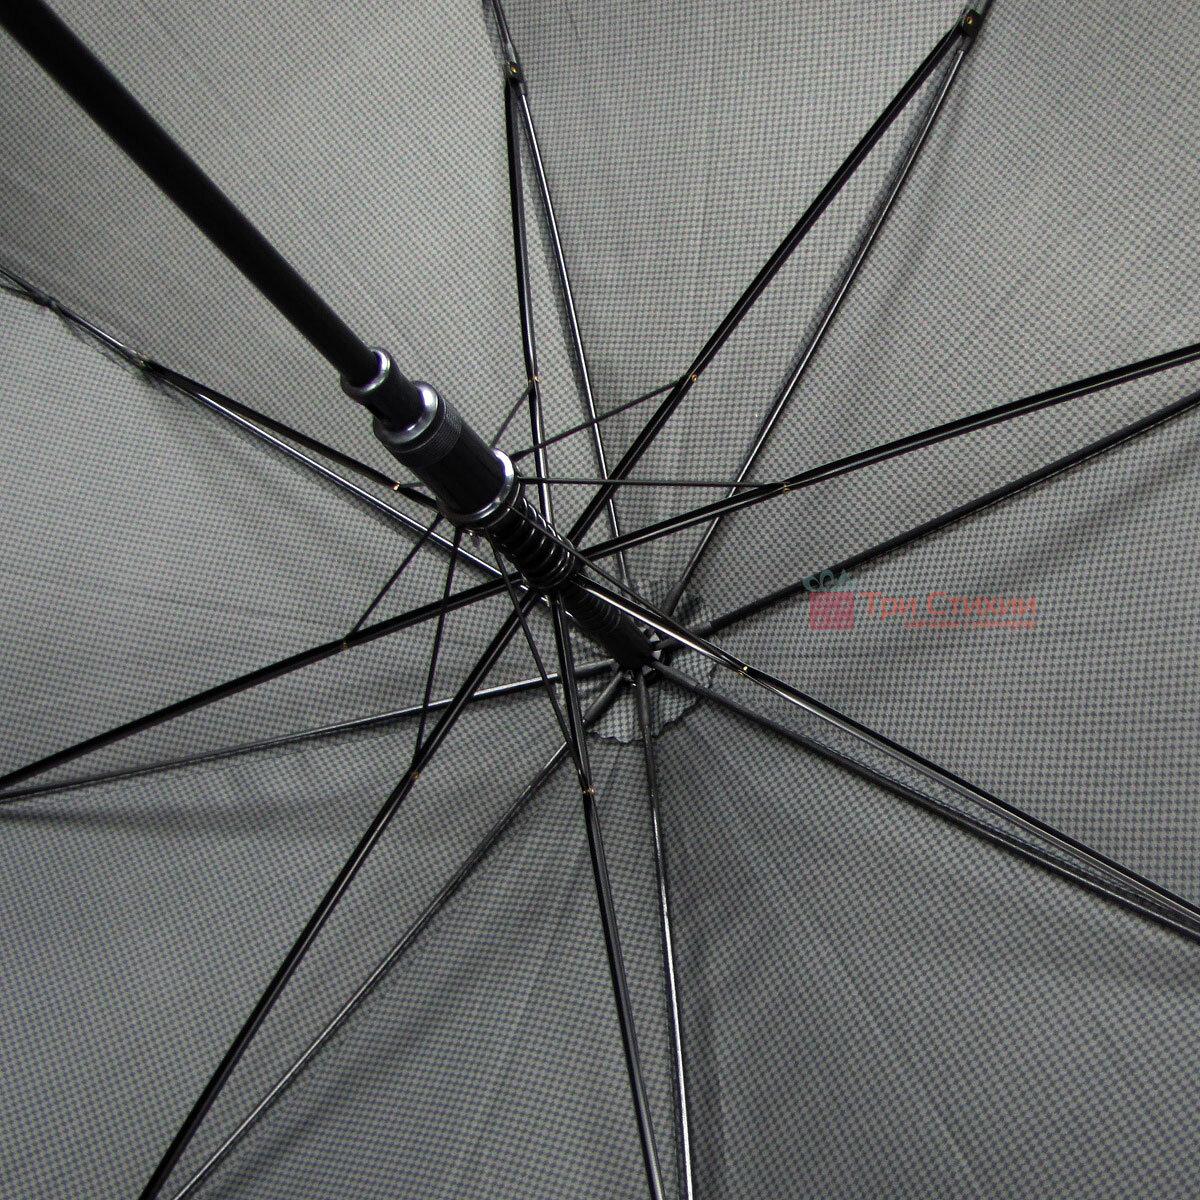 Зонт-трость Derby 77167P-3 полуавтомат Мелкая клетка, фото 4